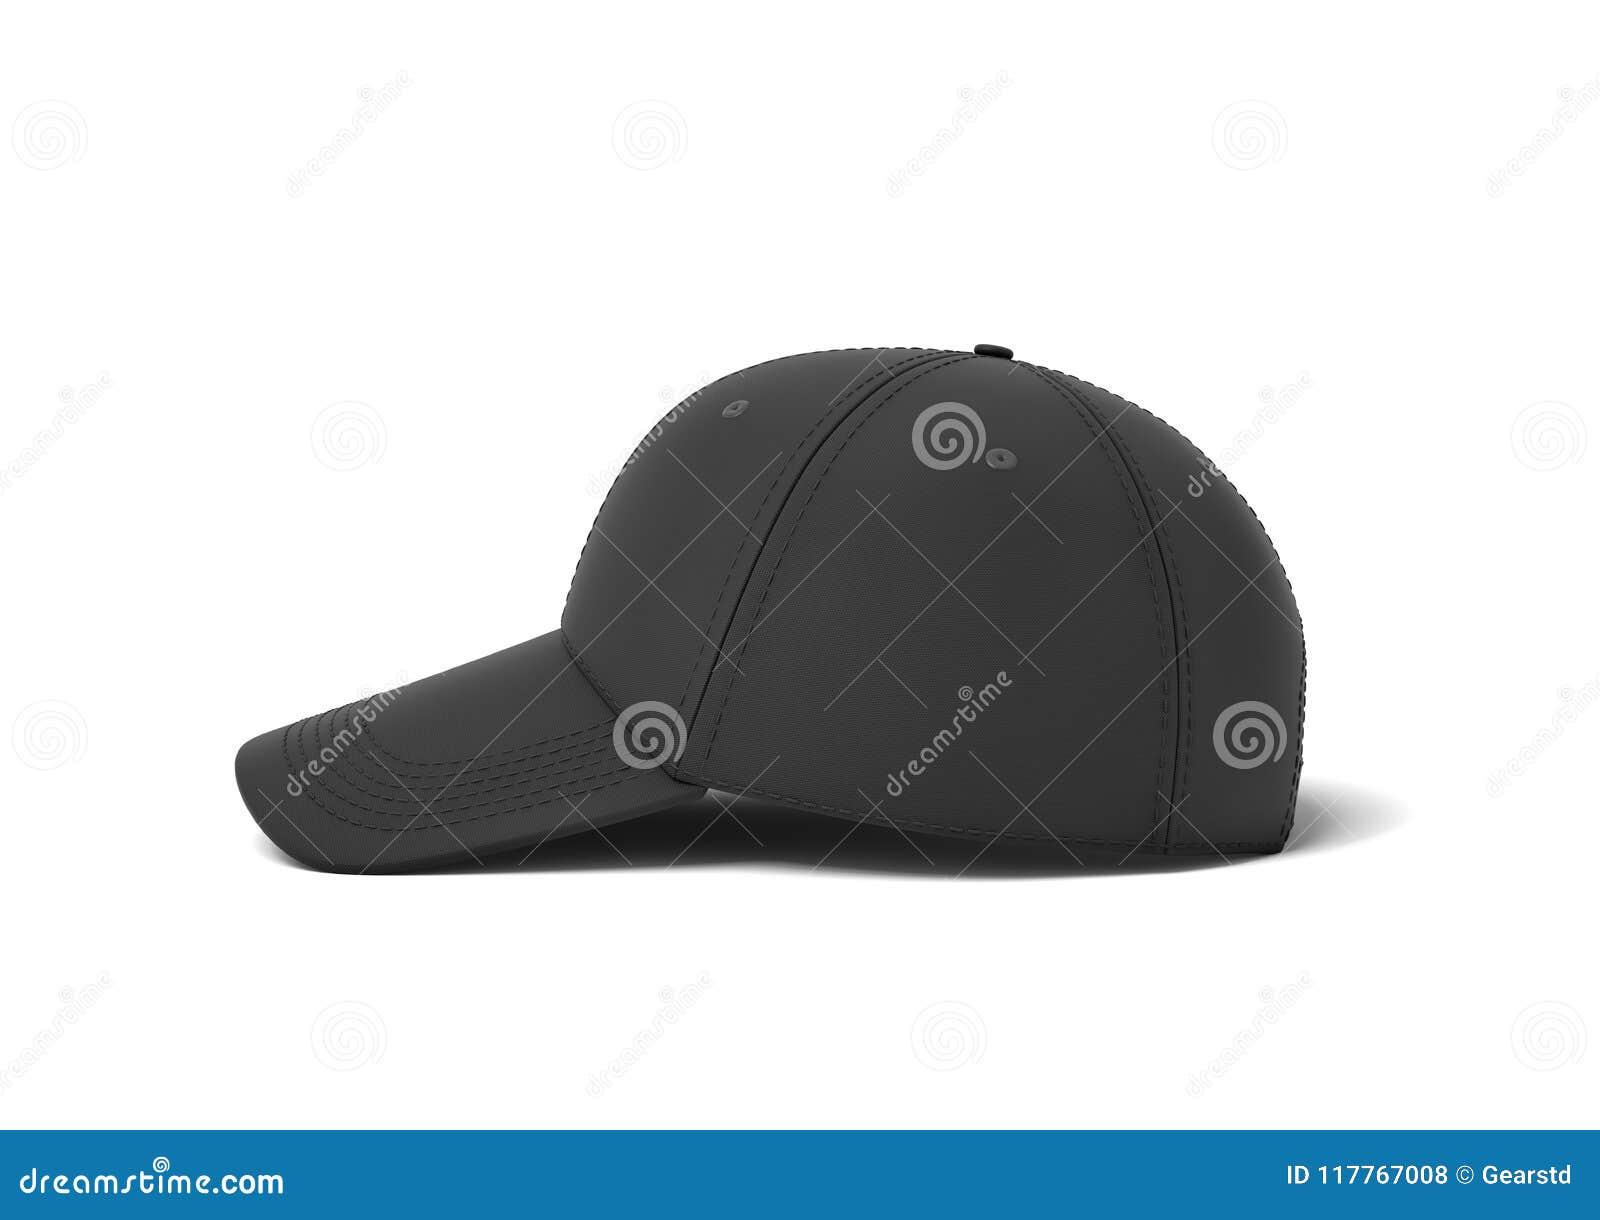 Rappresentazione 3d di un berretto da baseball nero singolo con la menzogne  di cucitura del nero su un fondo bianco in una vista laterale Usura dello  sport ... 6b52f68d758e